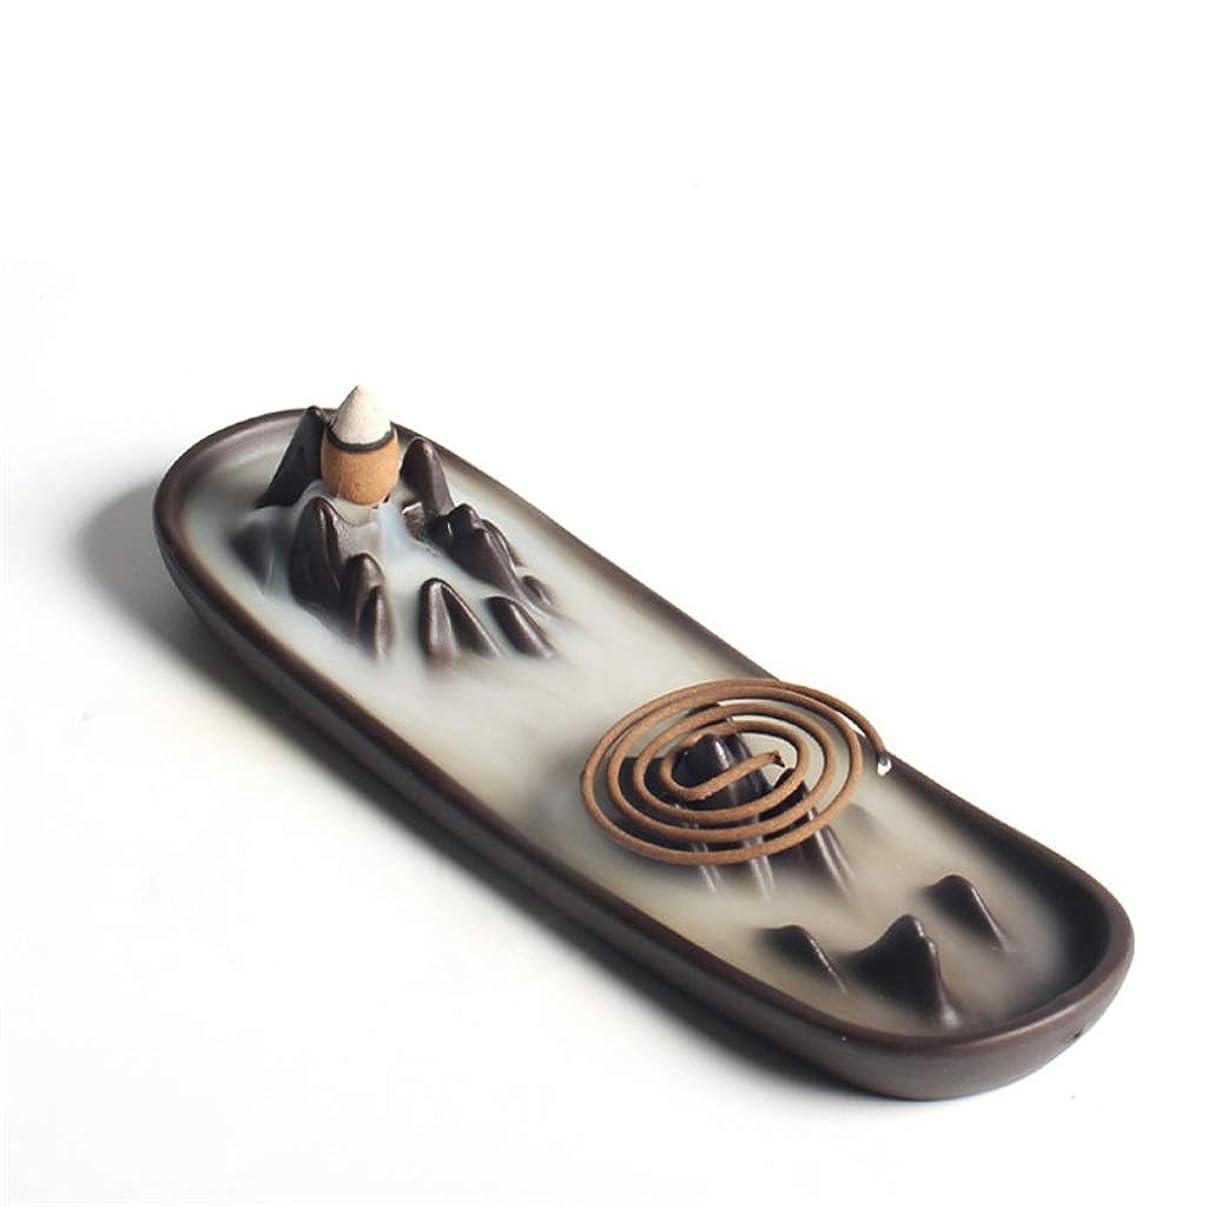 アラート病的ポスト印象派ホームアロマバーナー 逆流香バーナー家の装飾セラミックアロマセラピー仏教の滝香炉香コイルスティックホルダー 芳香器アロマバーナー (Color : A)